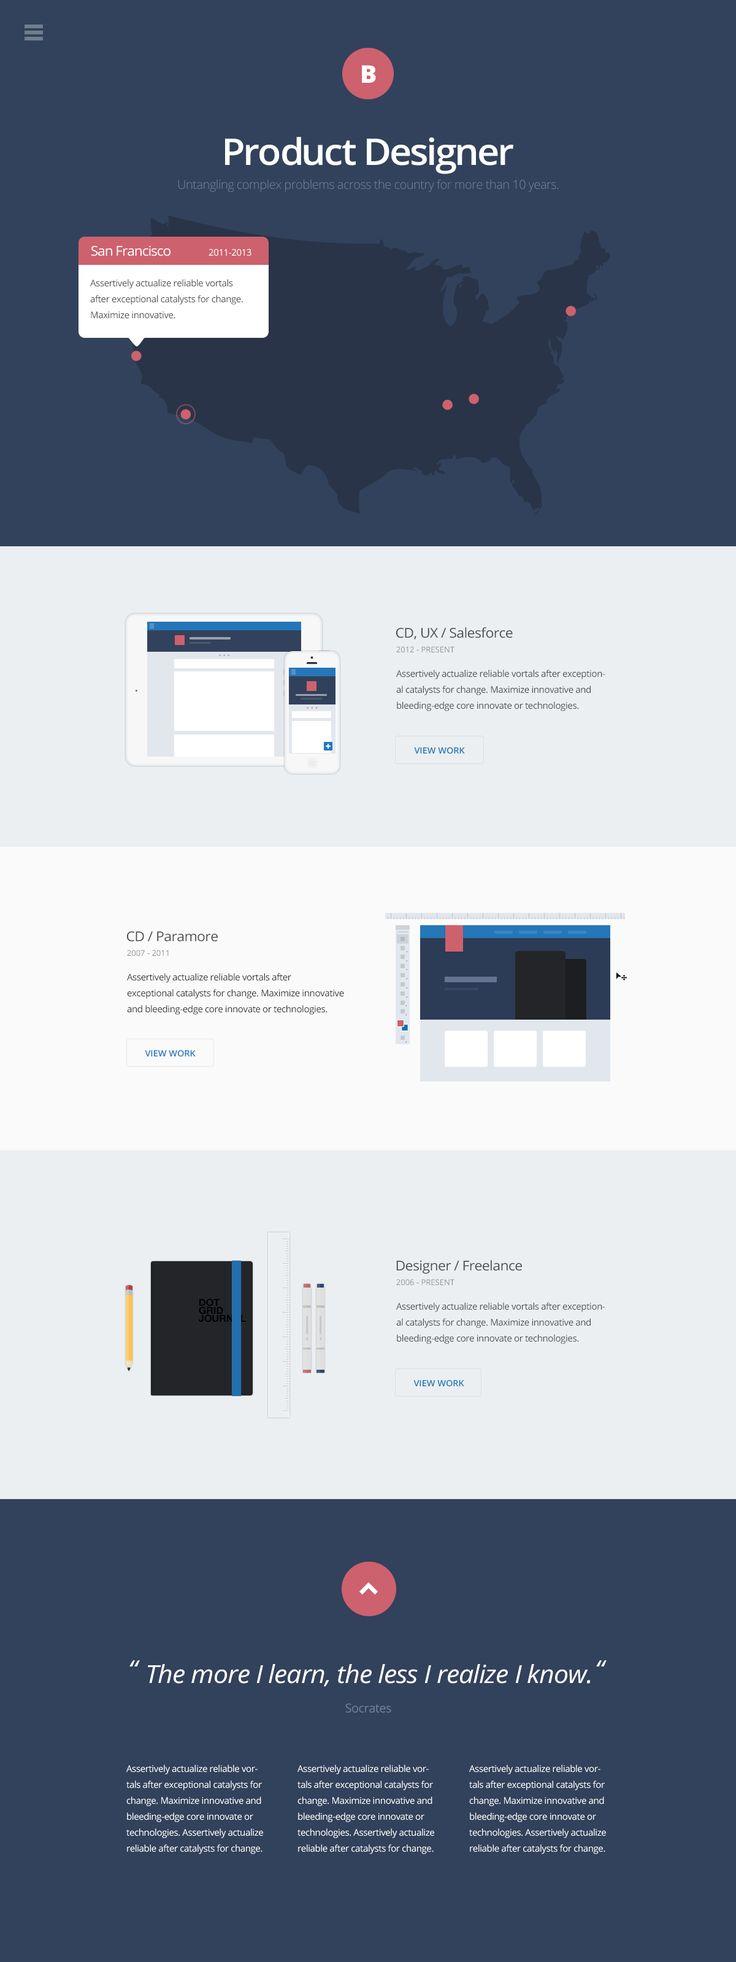 104 best Website design images on Pinterest | Website designs ...